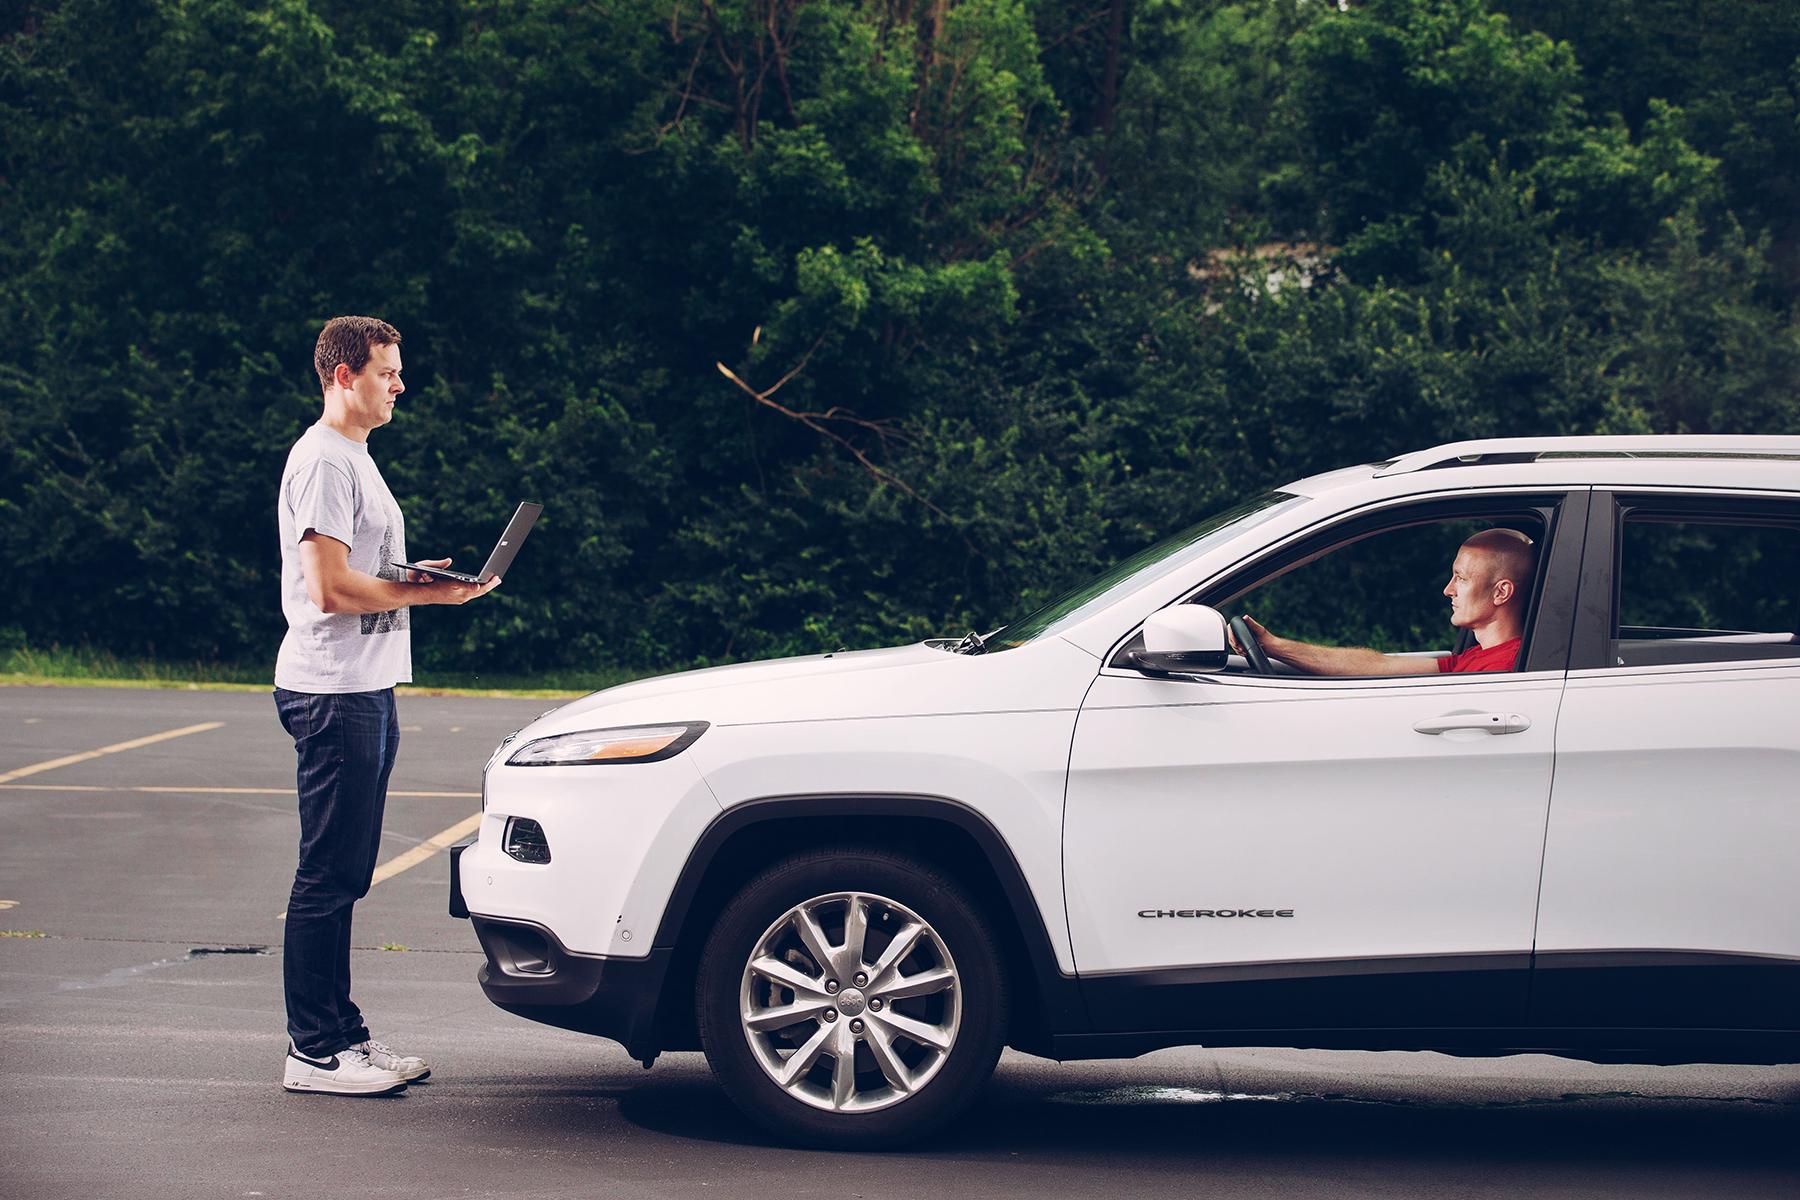 Charlie Miller e Chris Valasek esperti di vulnerabilità digitale delle auto mentre fermano una auto collegandosi da remoto al suo sistema elettronico.